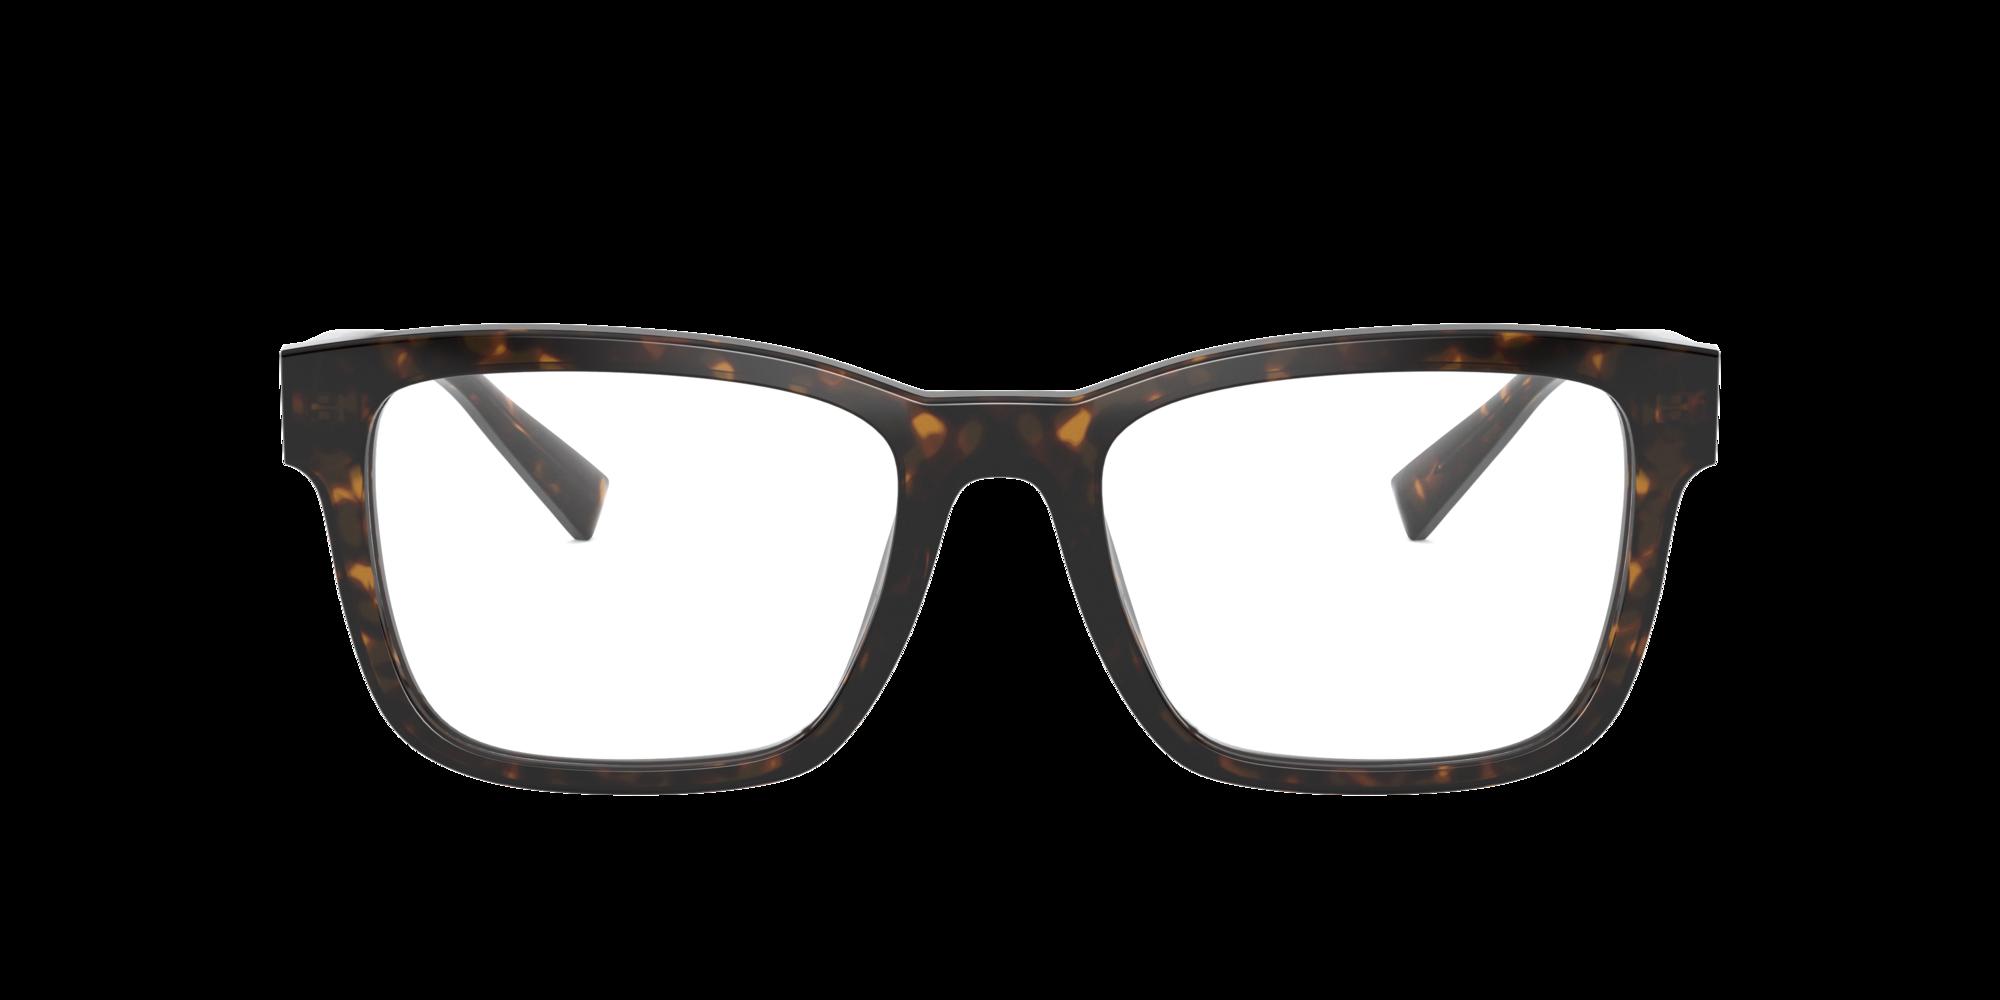 Imagen para VE3285 de LensCrafters    Espejuelos, espejuelos graduados en línea, gafas